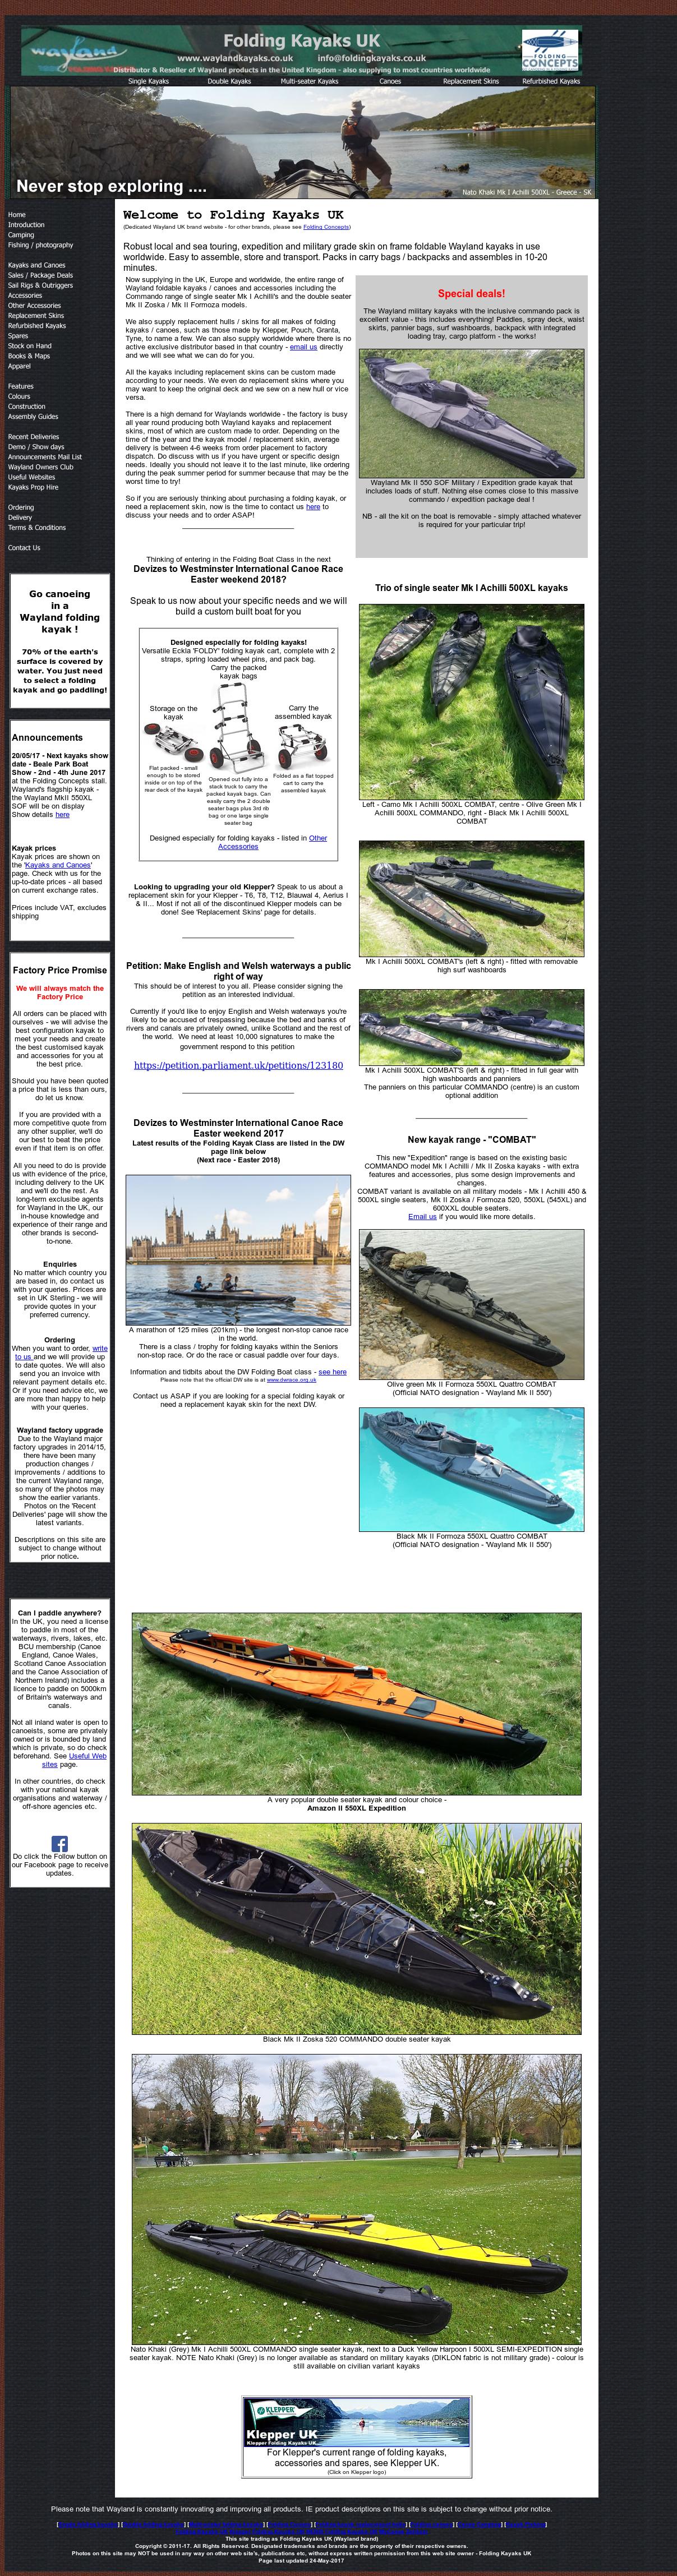 Wayland Folding Kayaks Uk Competitors, Revenue and Employees - Owler